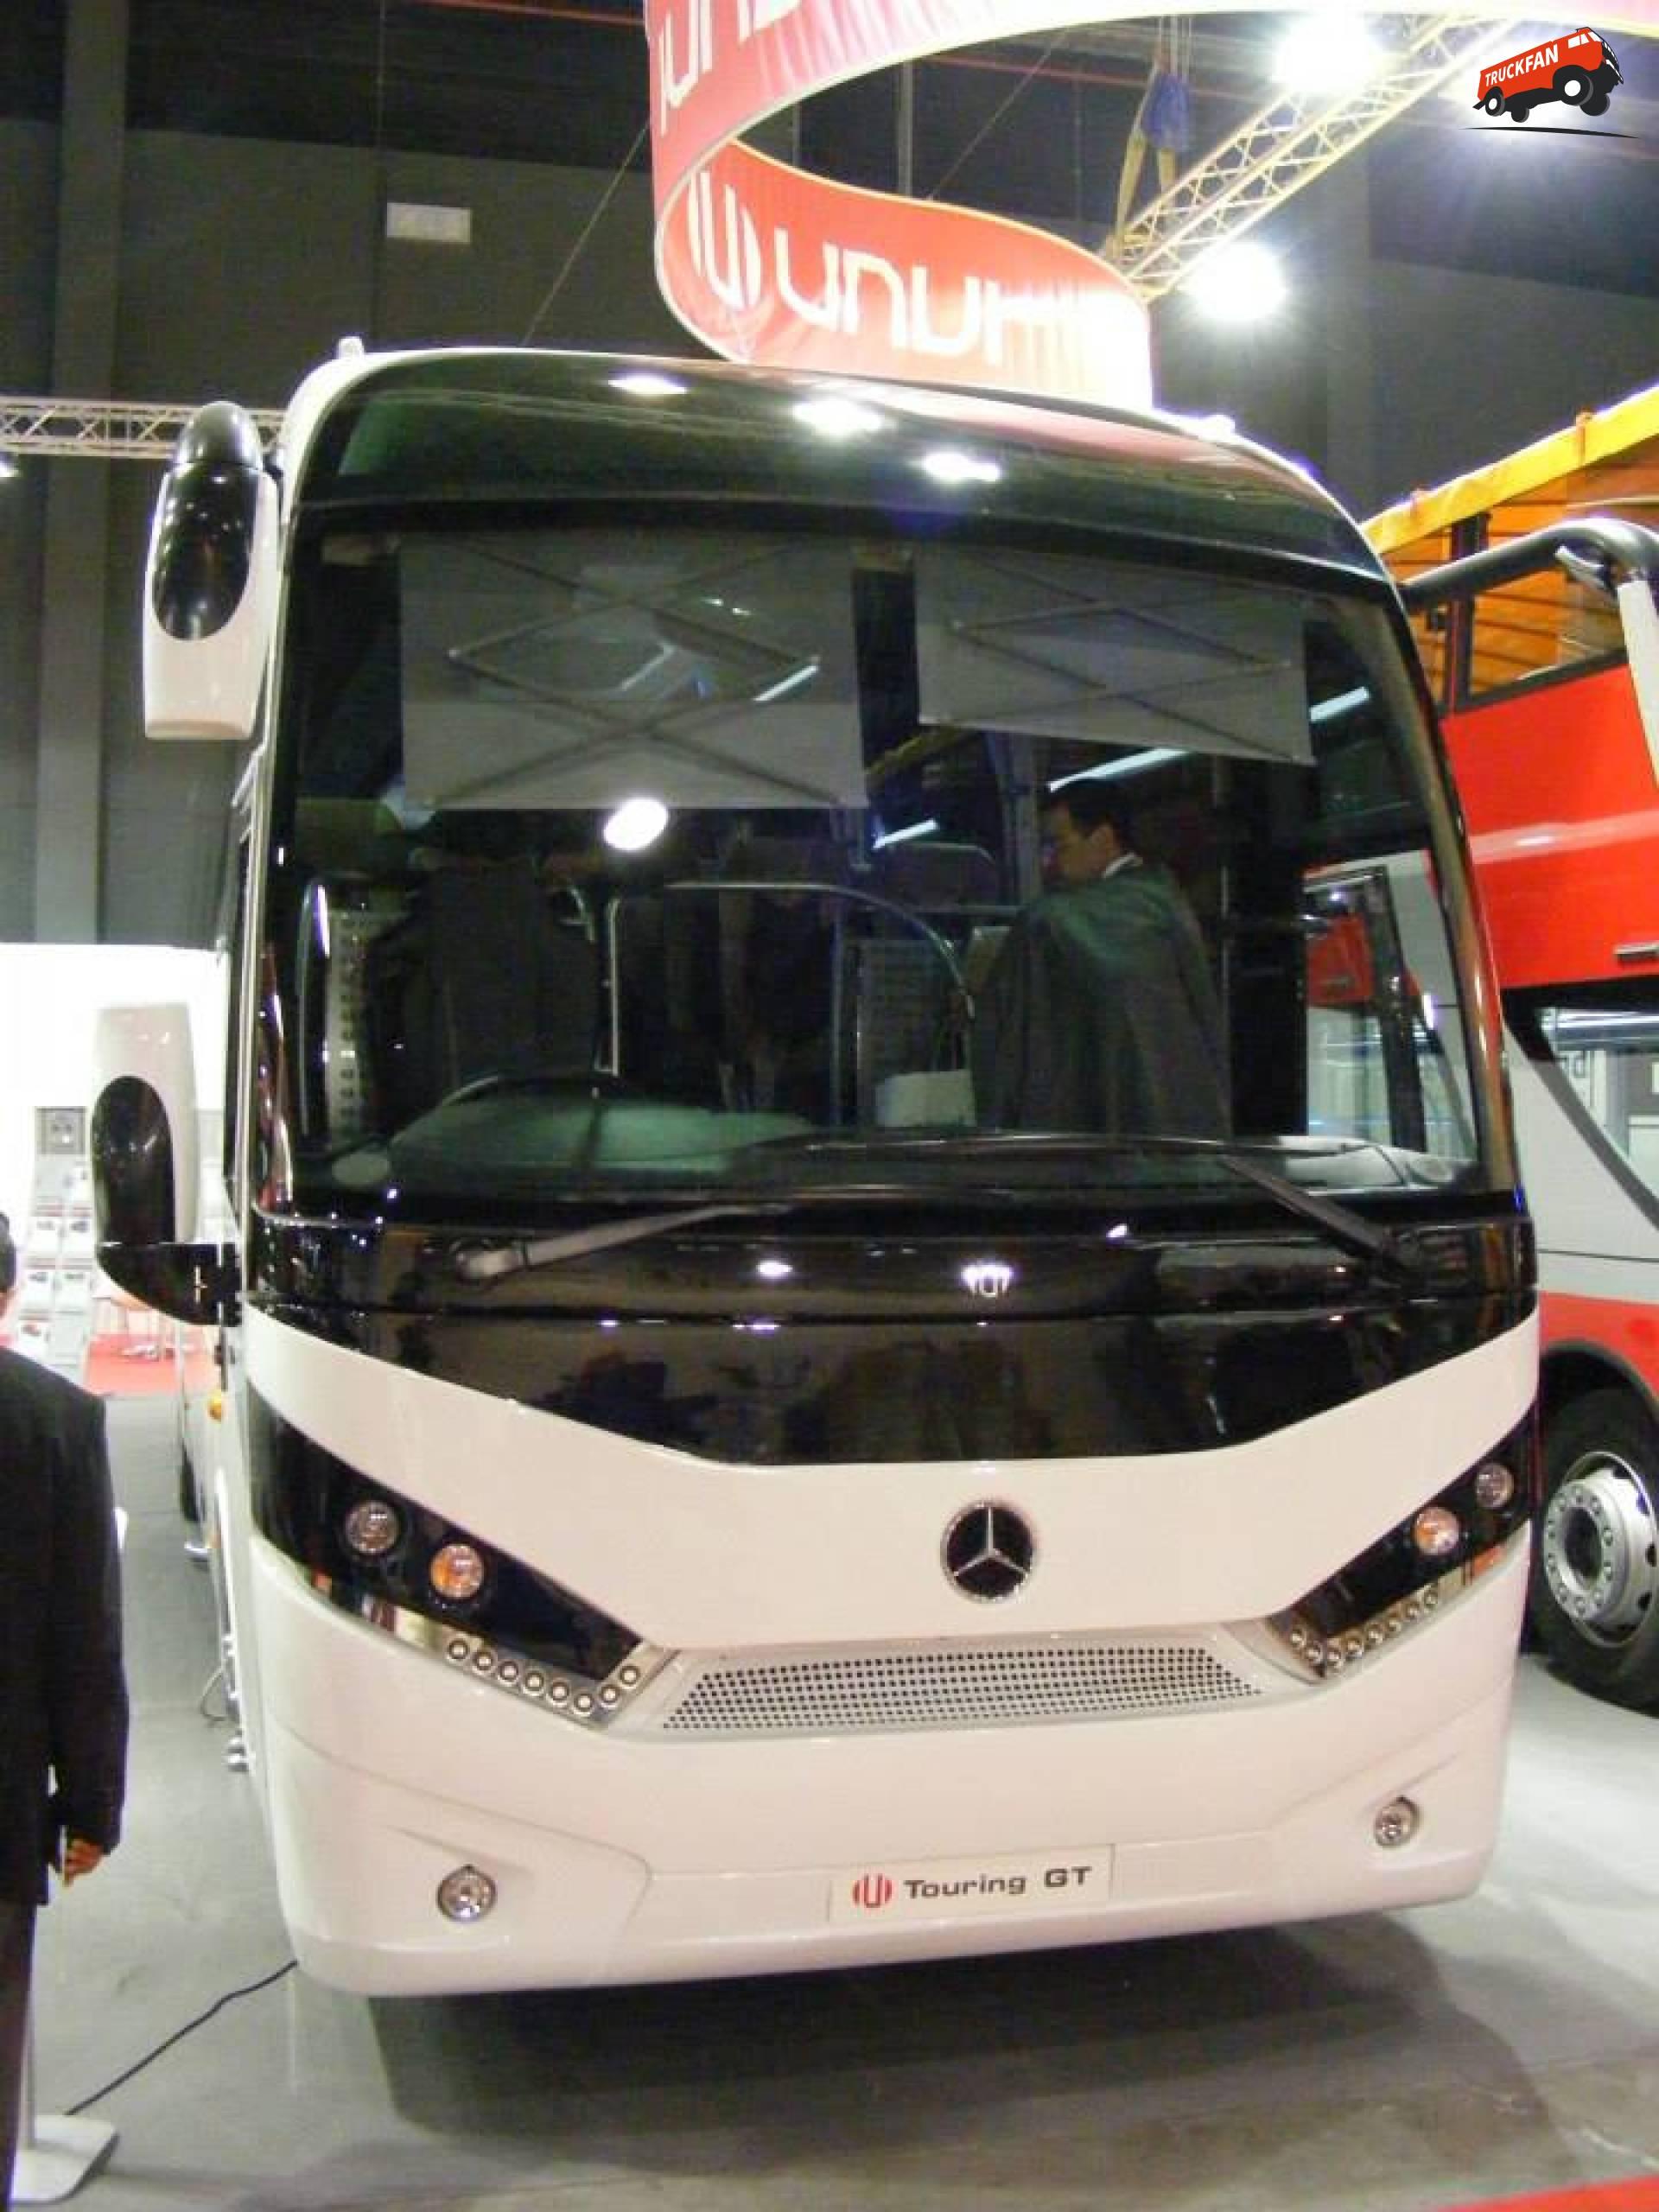 UNVI Touring GT